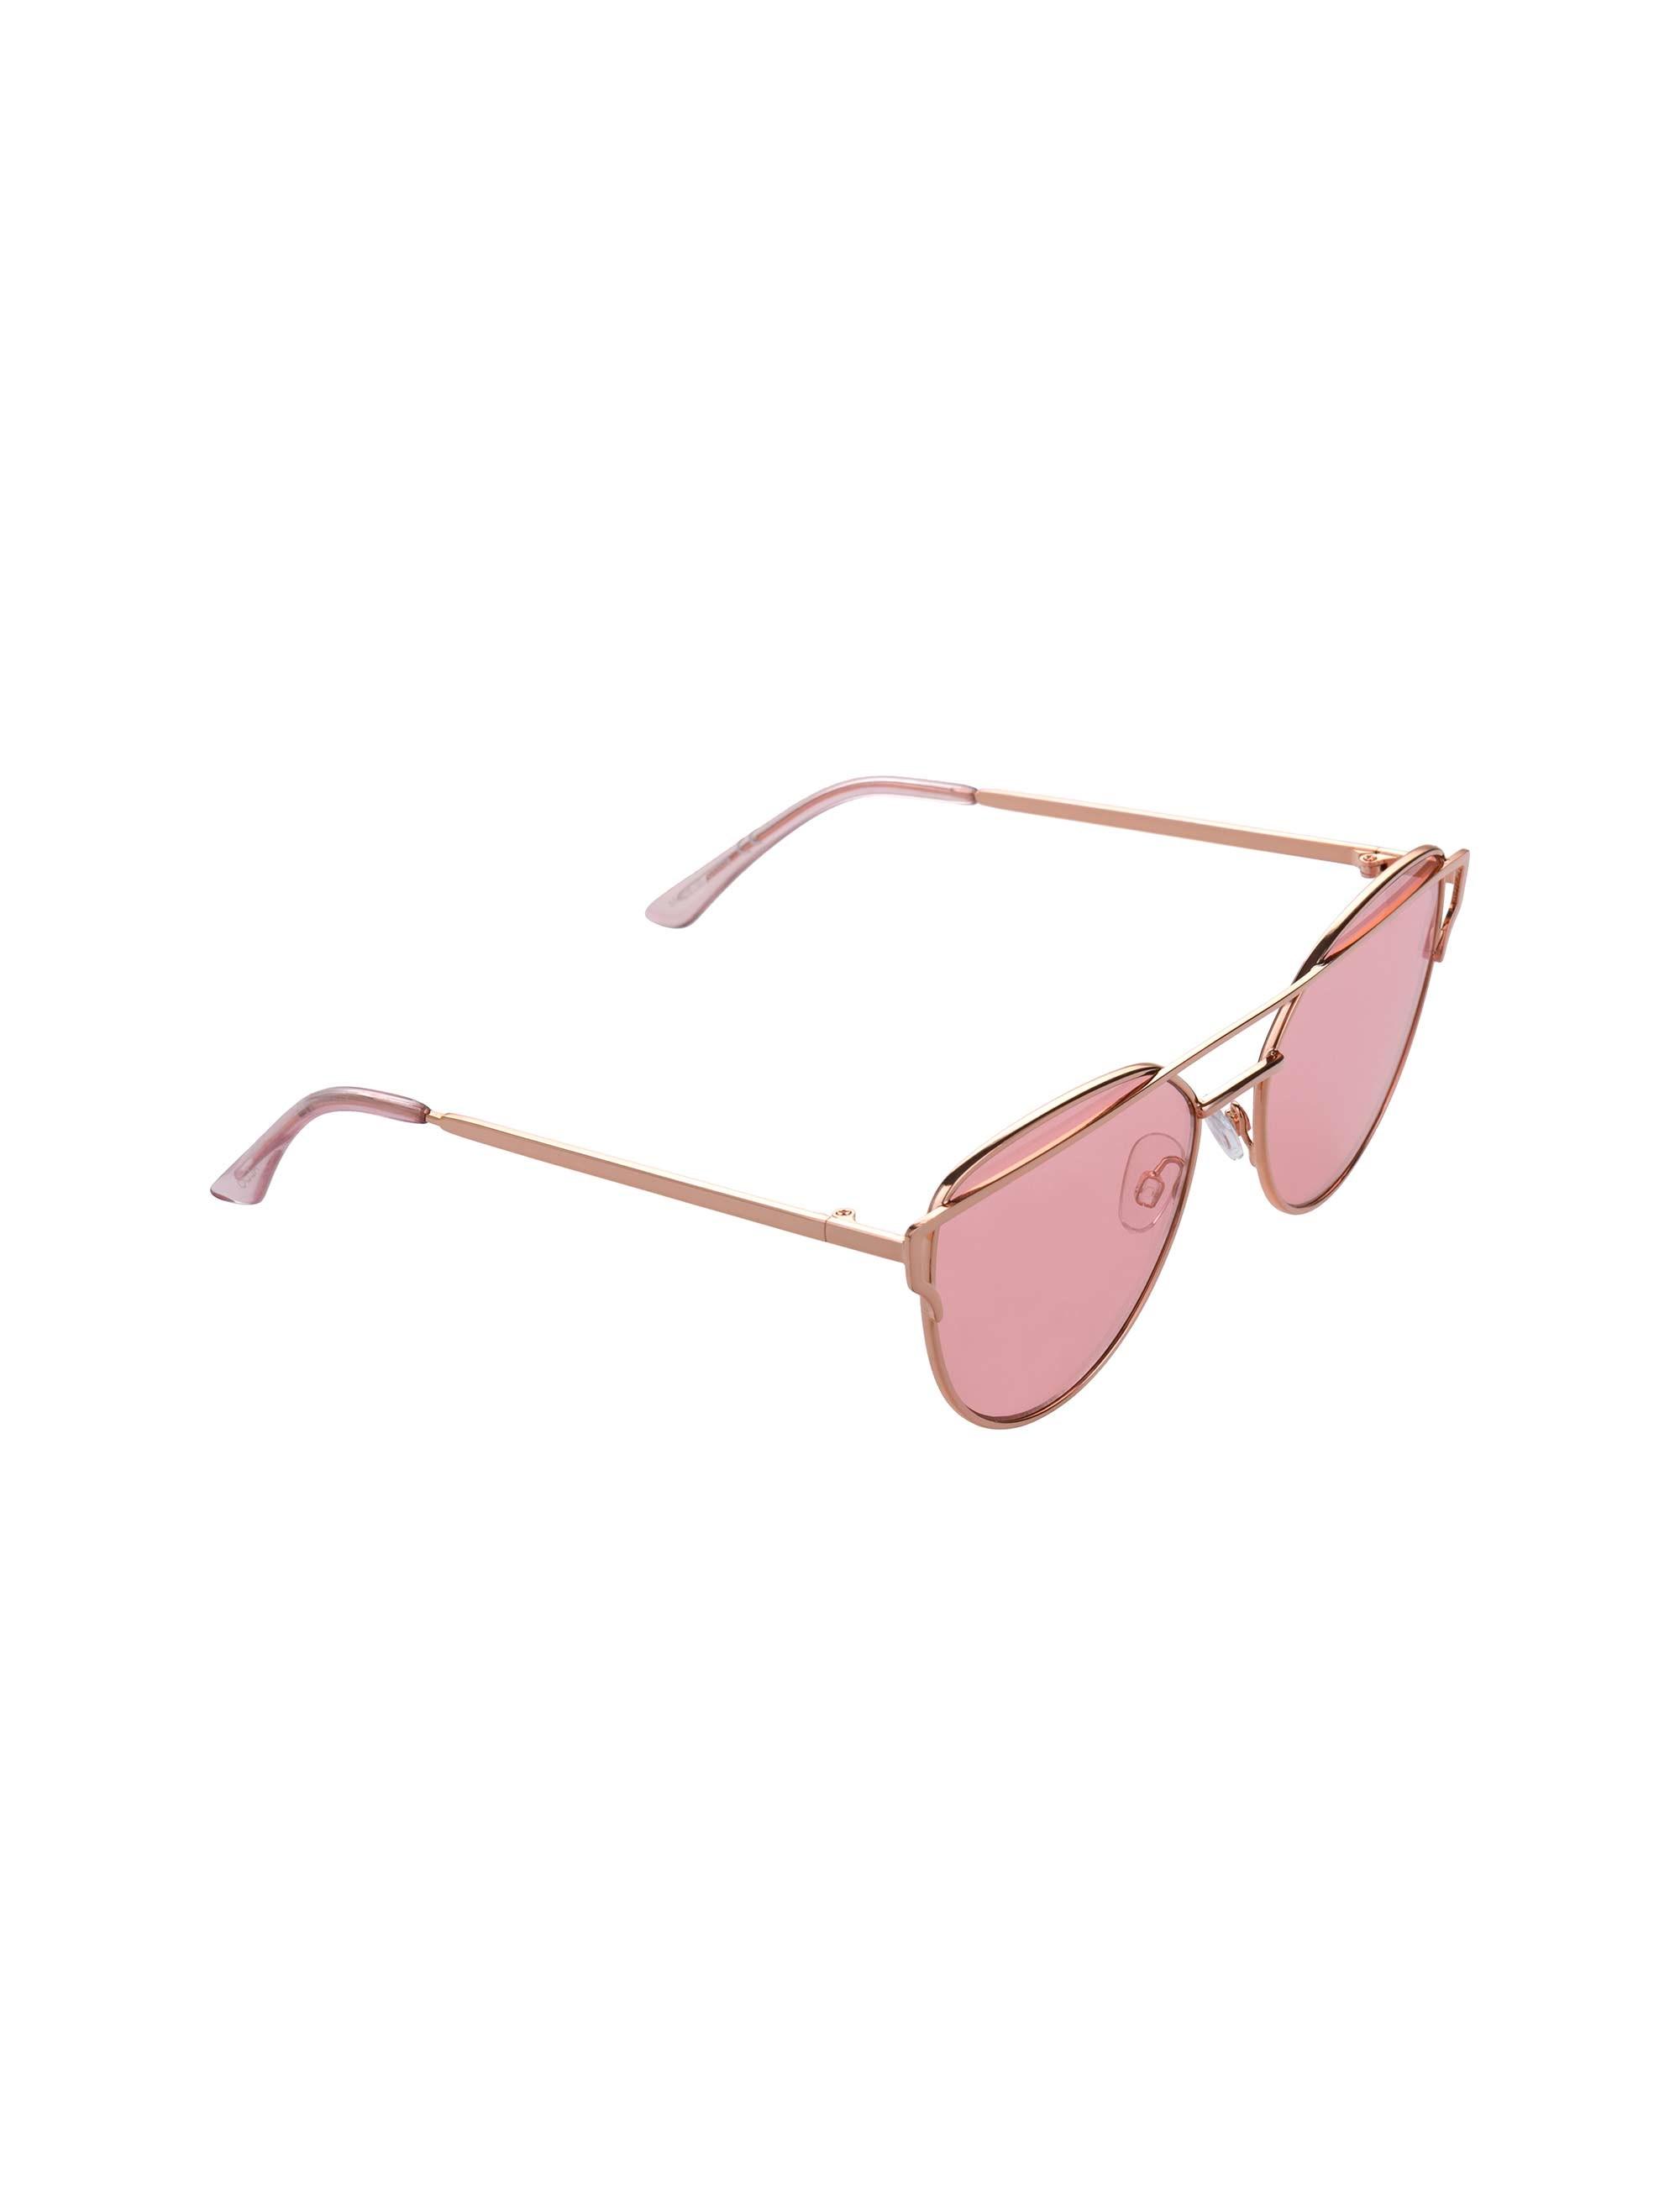 عینک آفتابی گربه ای زنانه - آلدو - طلايي - 2